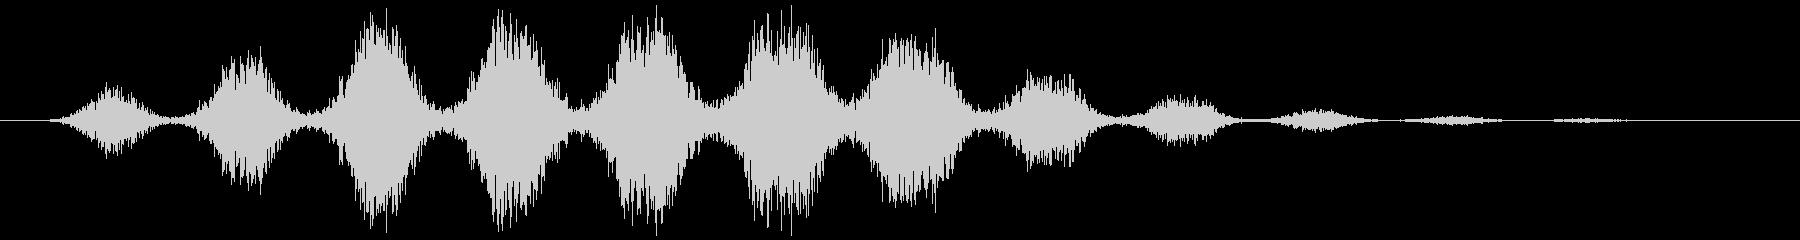 ワープ(シュワシュワ…+サーッ)の未再生の波形